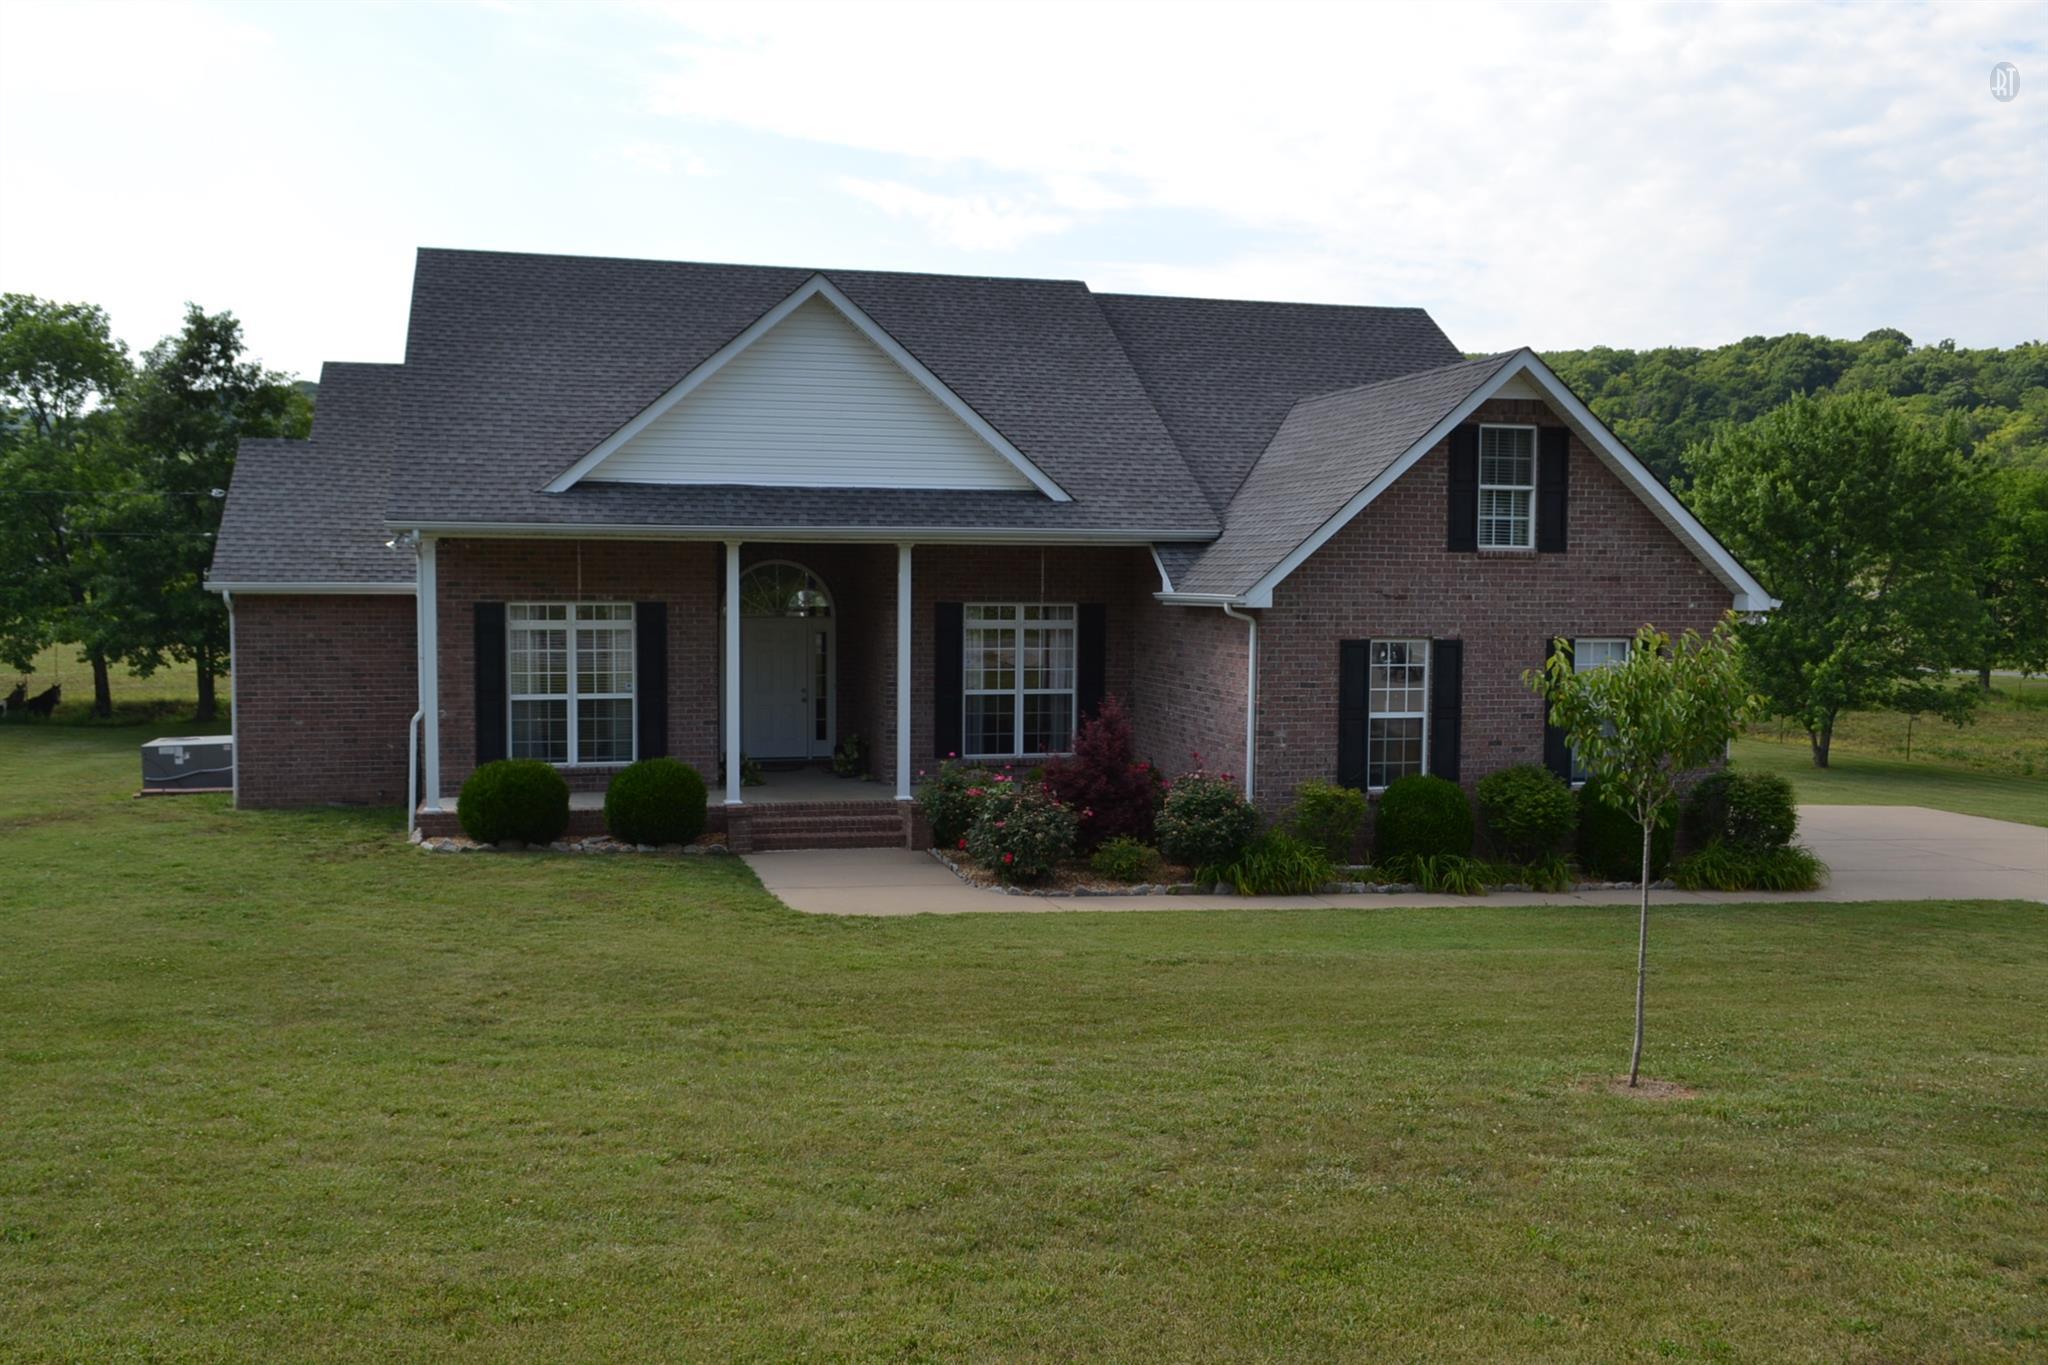 555 Old Woodbury Pike, Readyville, TN 37149